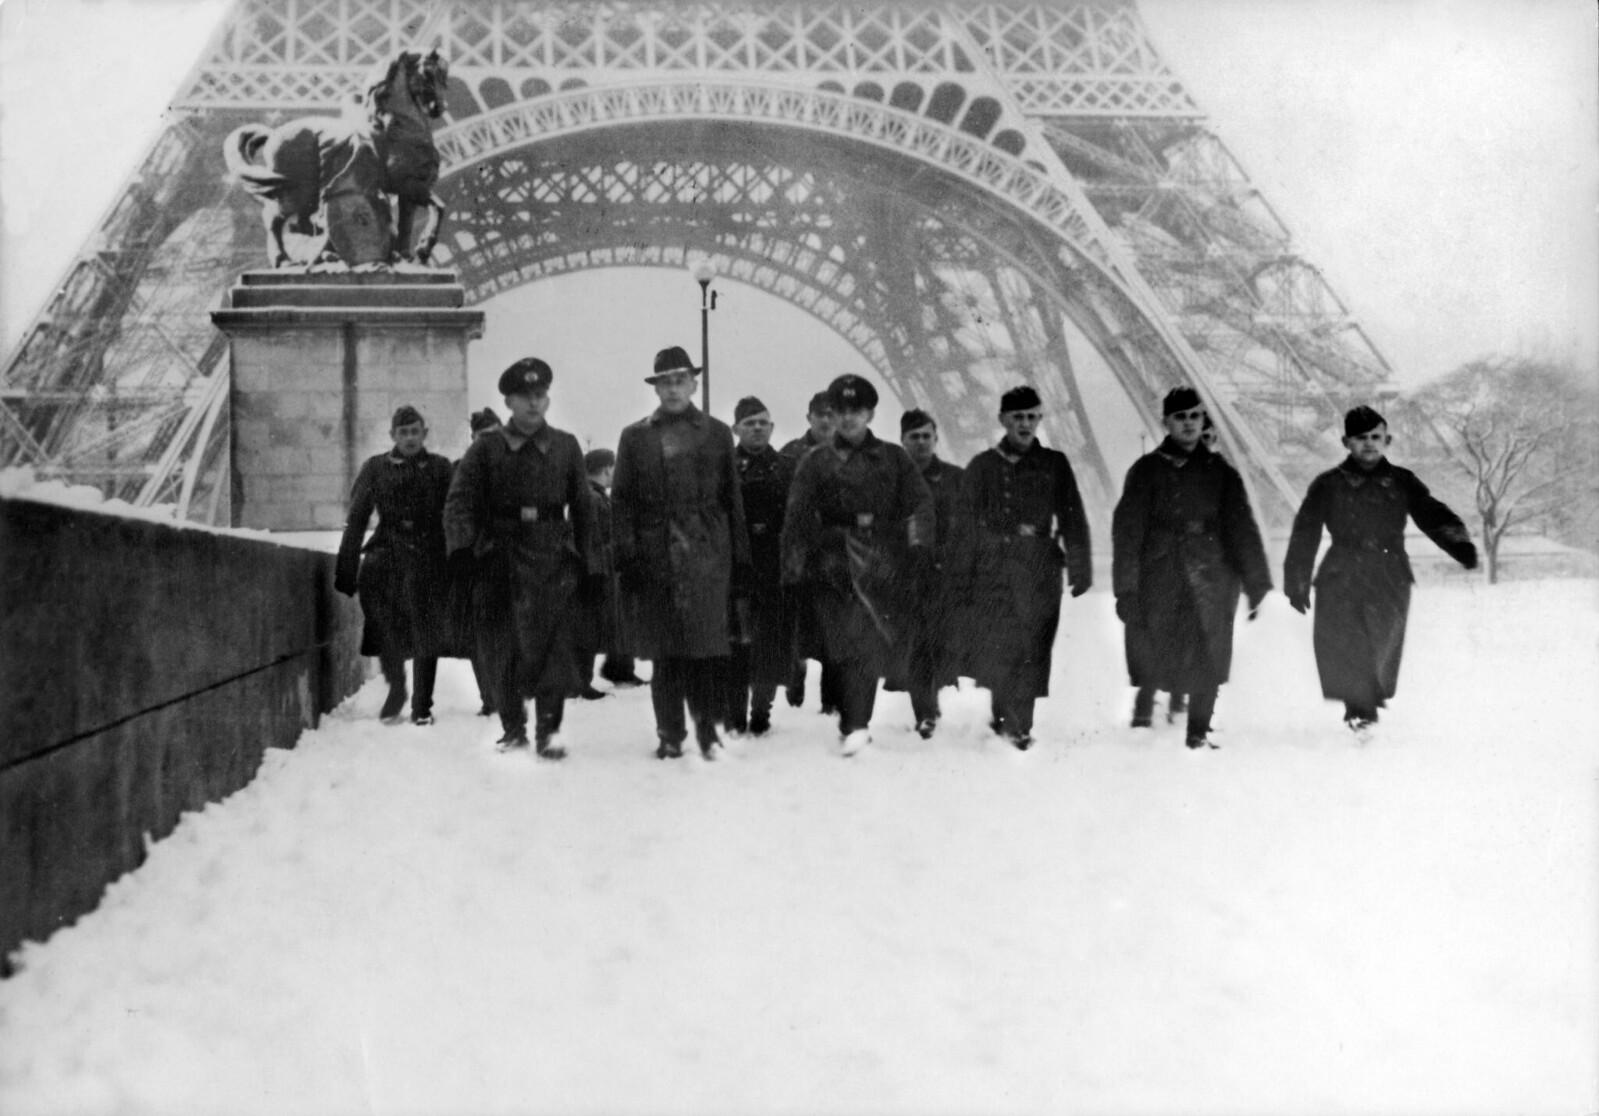 1941. Немецкие военные проходят под Эйфелевой башней